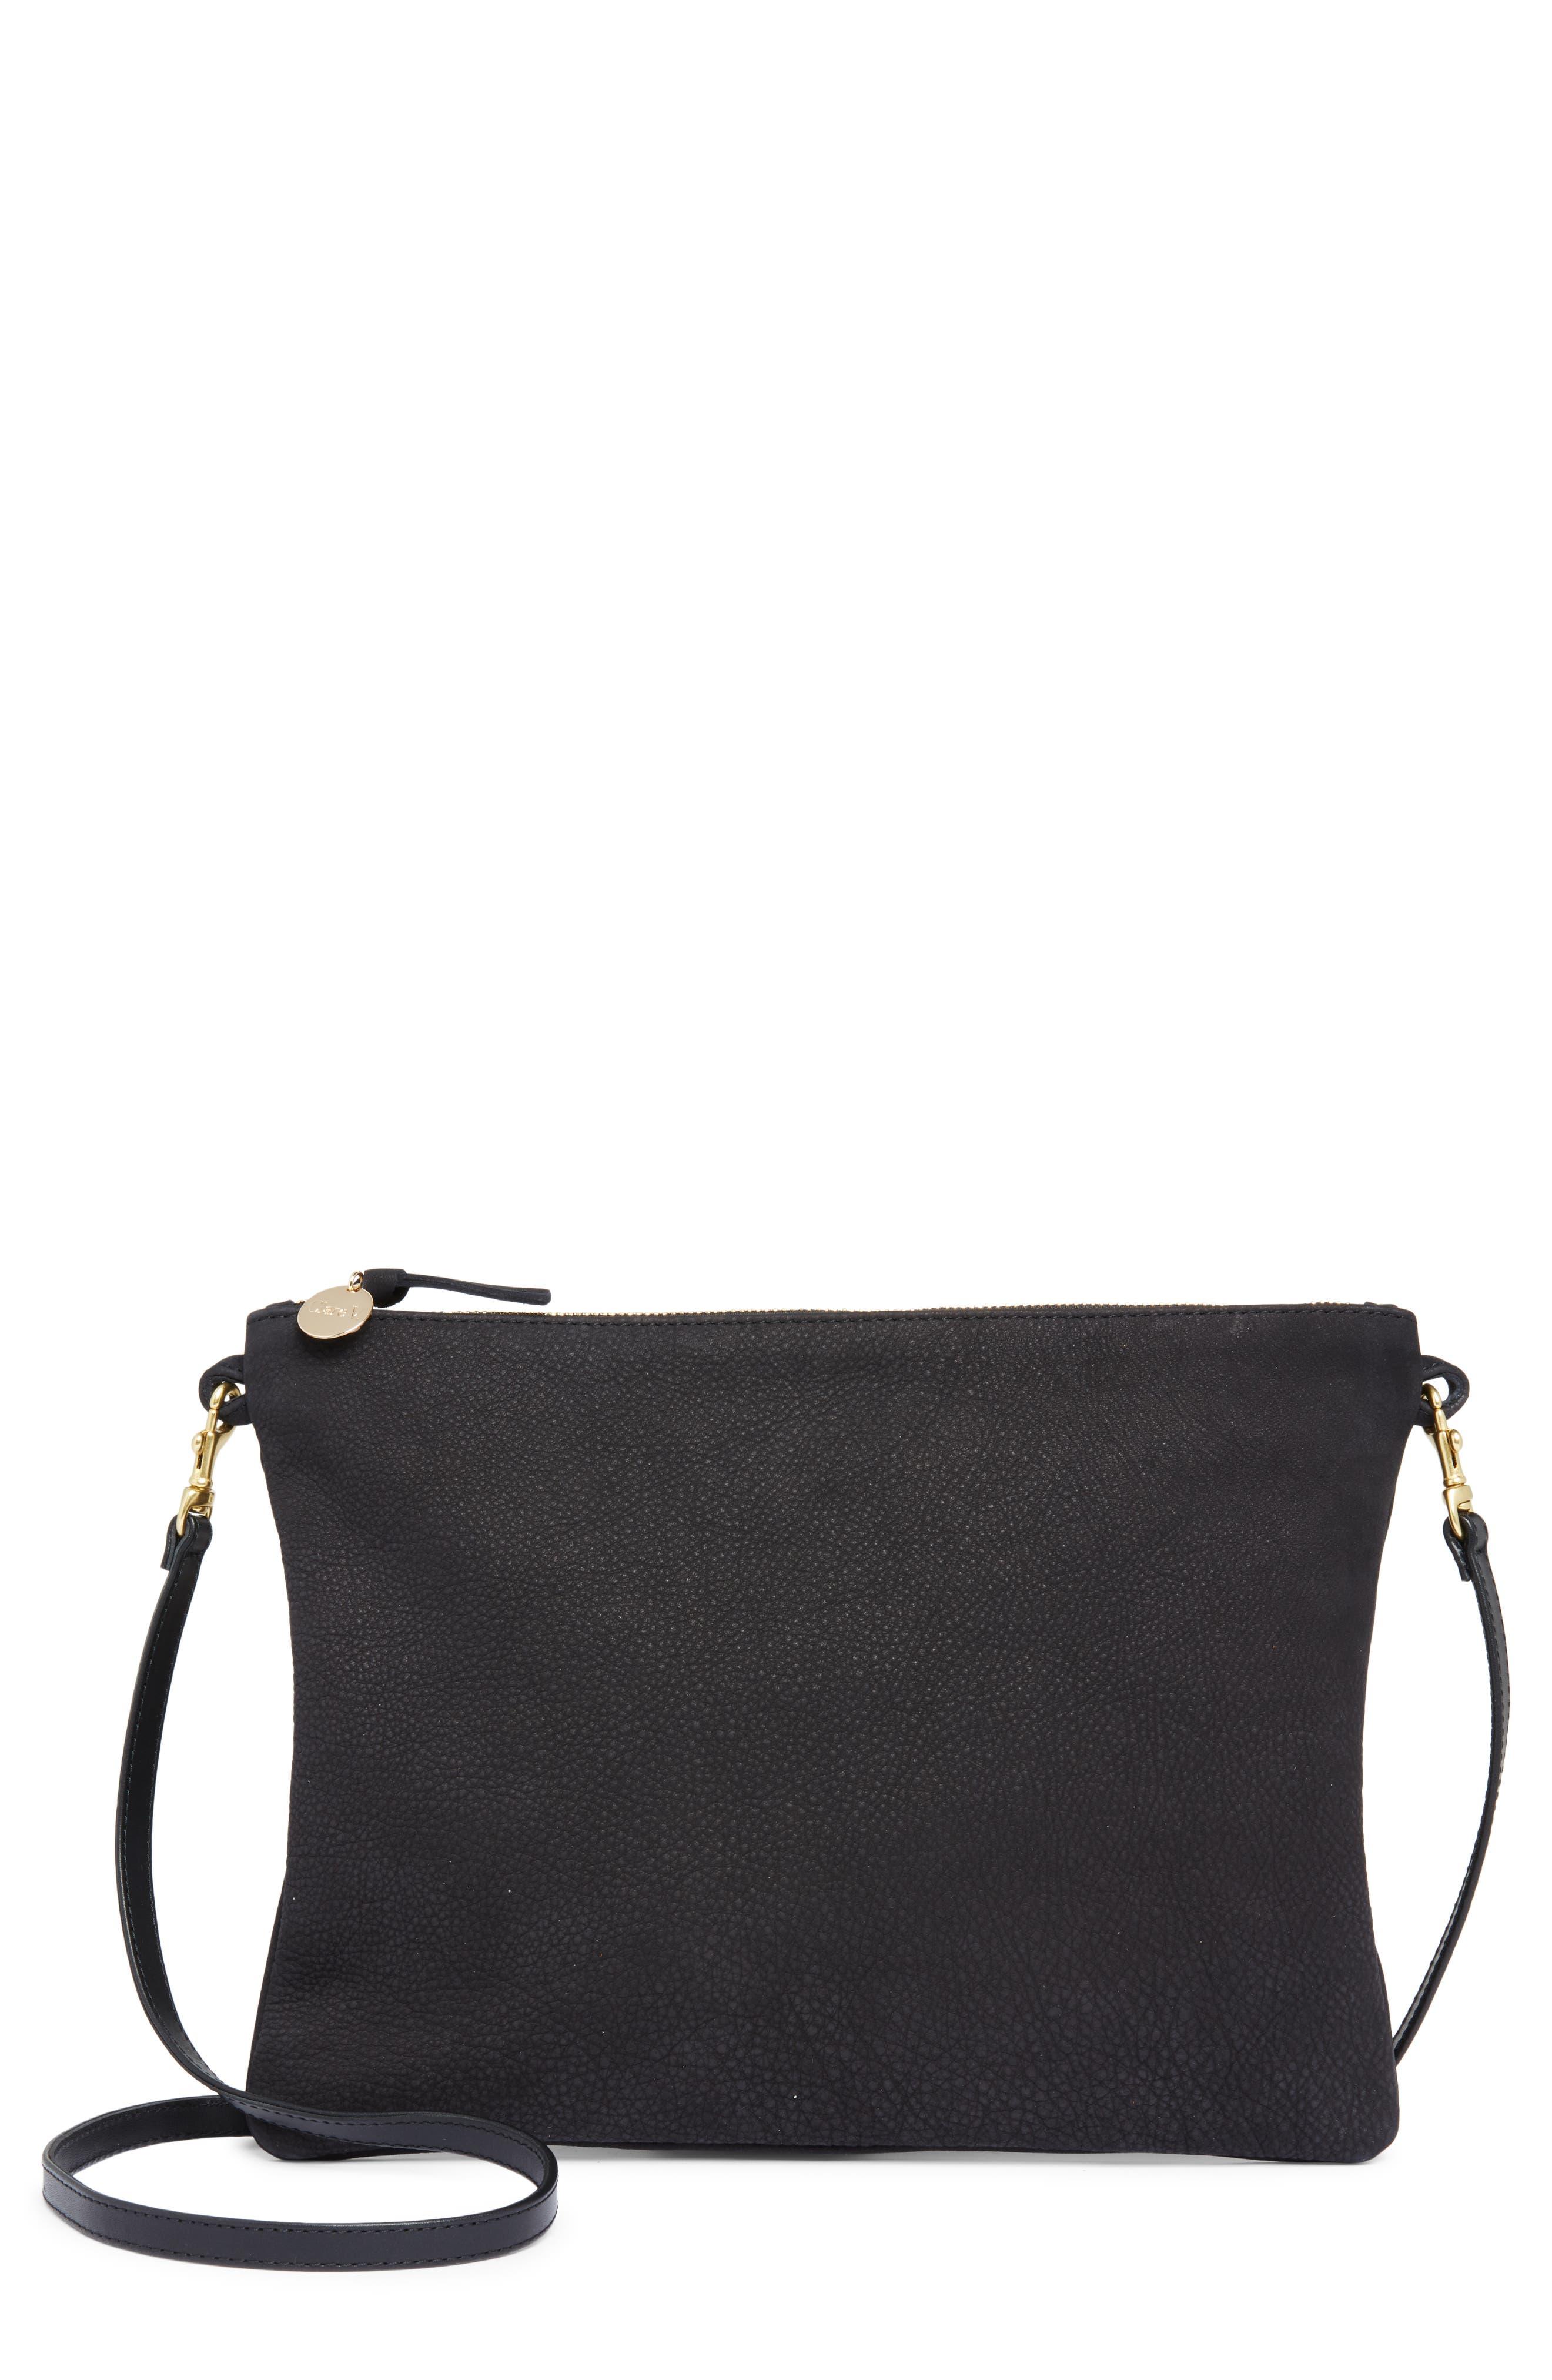 Sac Bretelle Leather Shoulder Bag